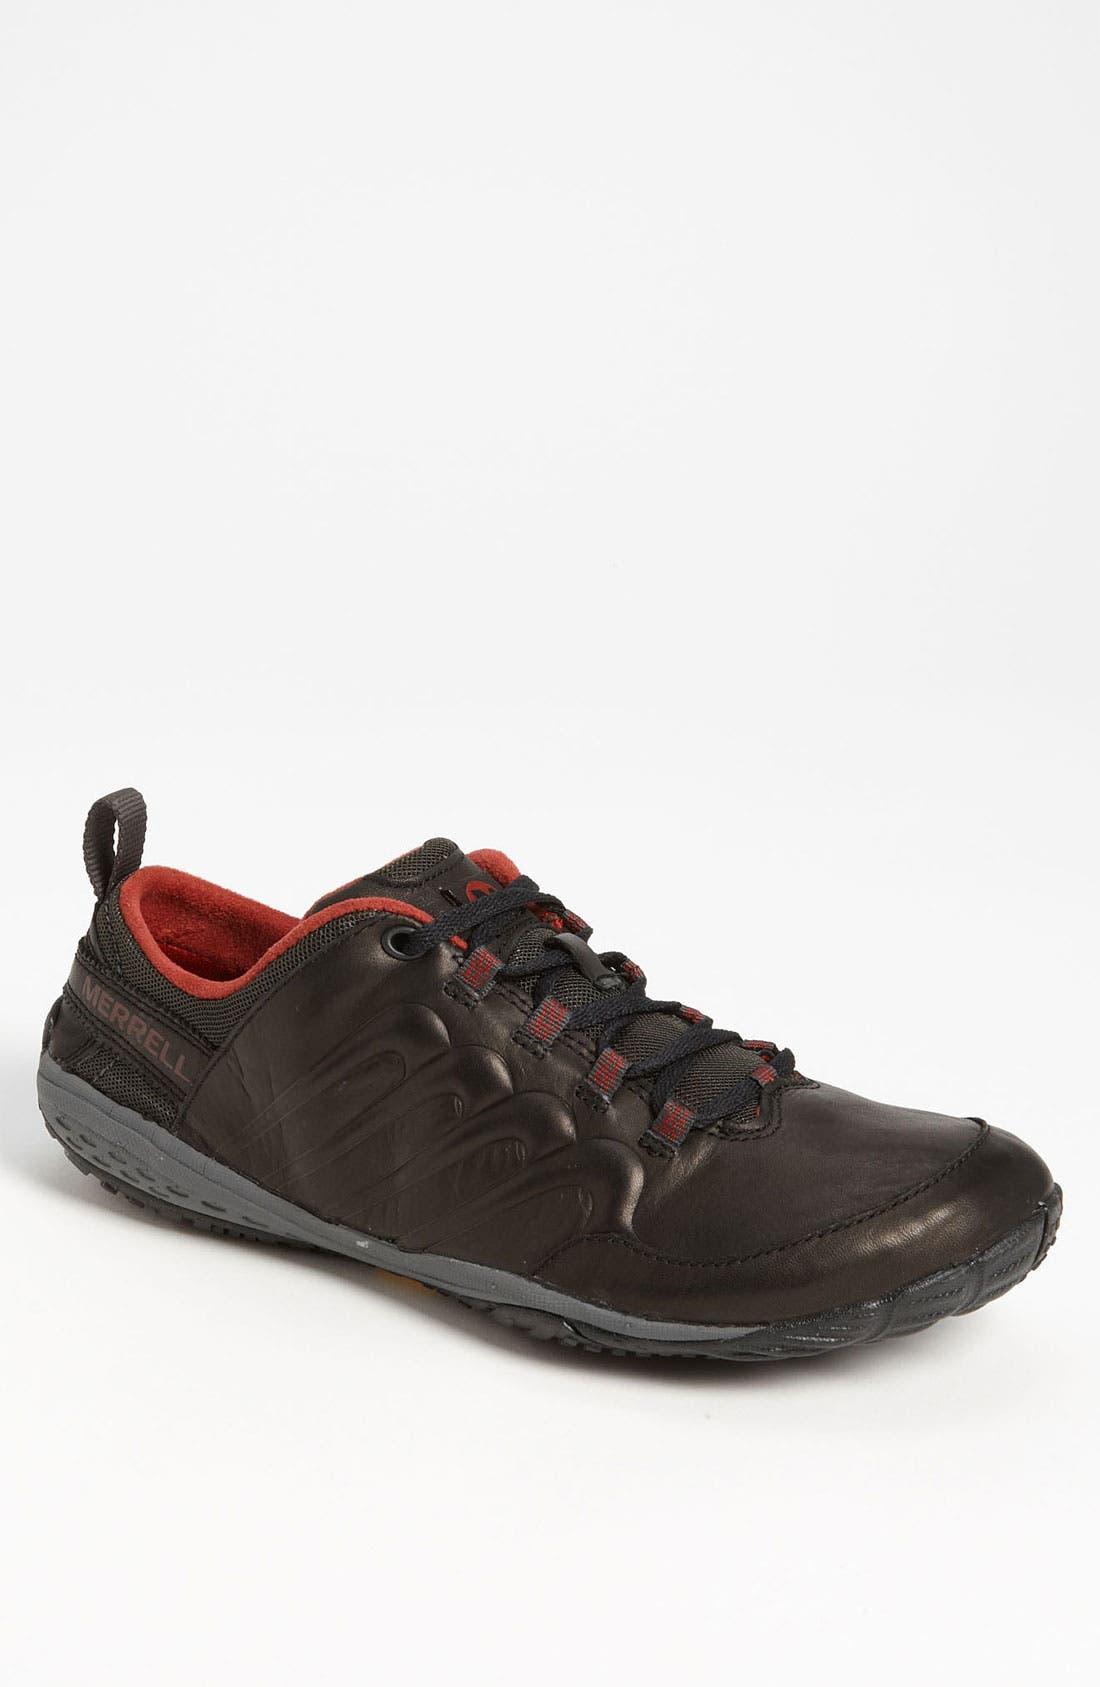 Alternate Image 1 Selected - Merrell 'Tour Glove' Sneaker (Men)